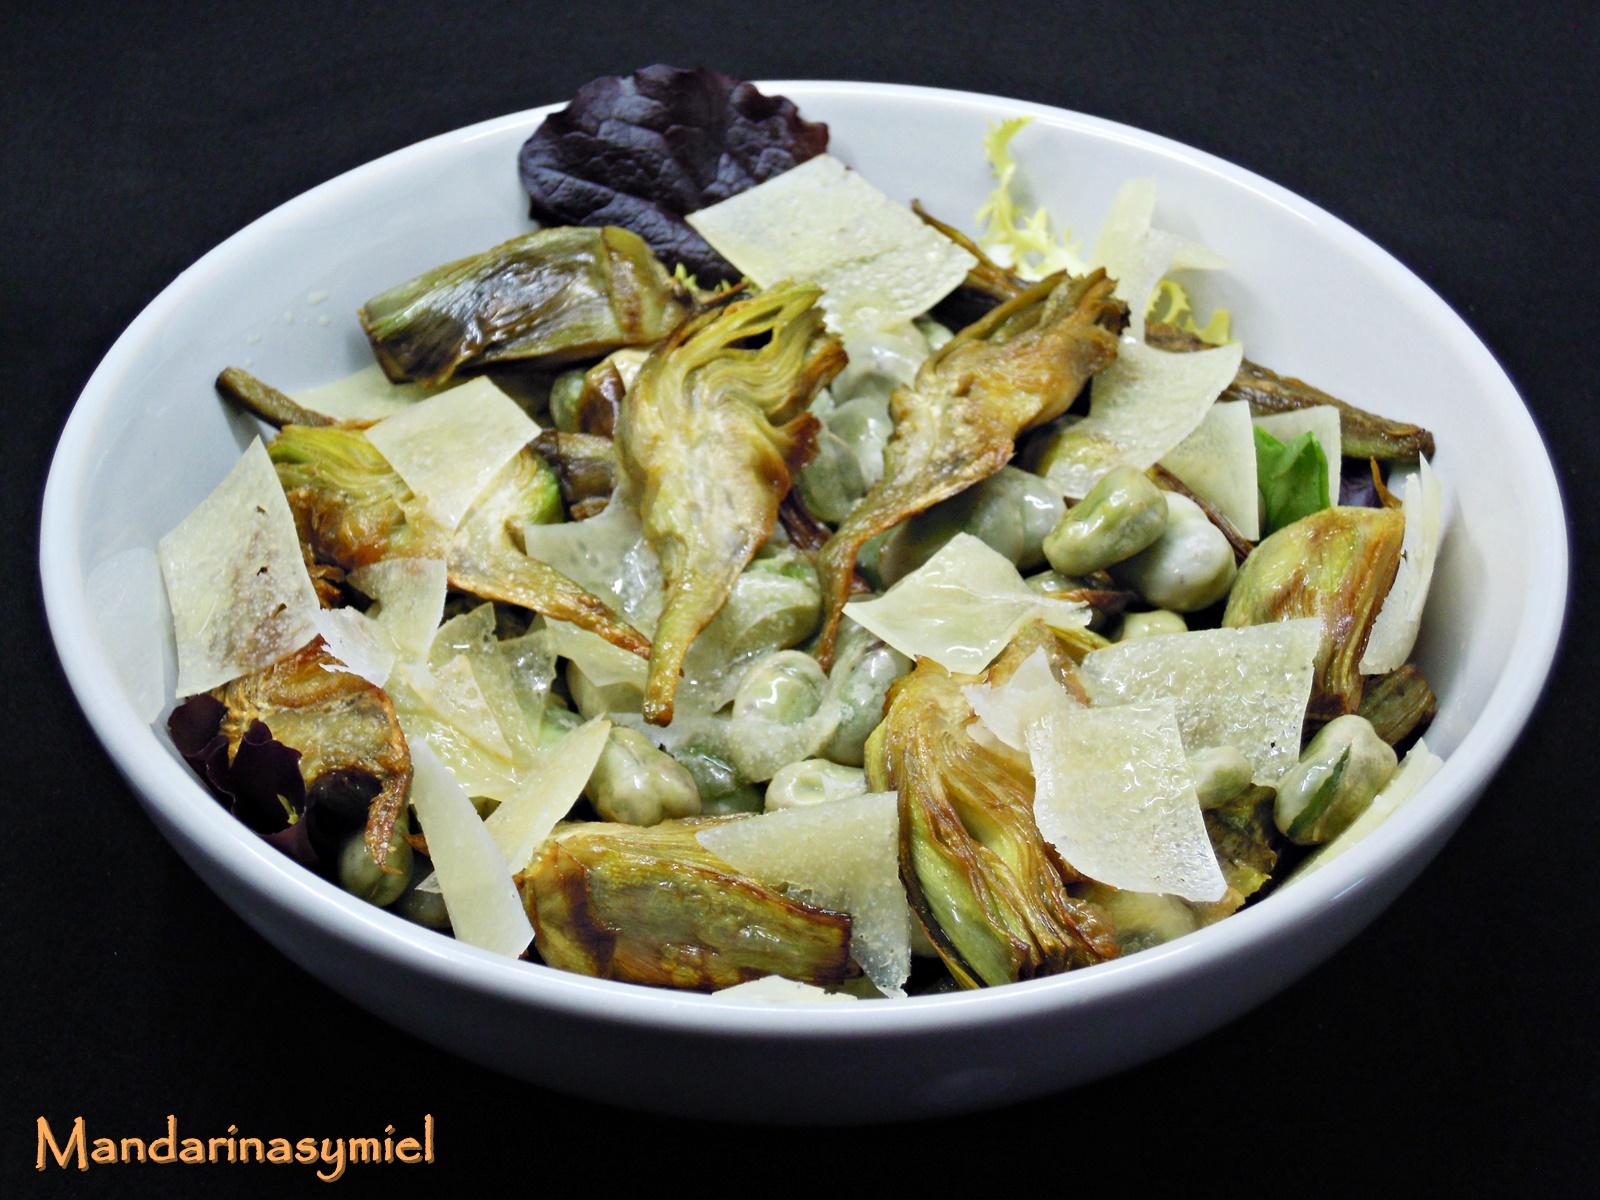 Ensalada templada de alcachofas habitas y queso - Ensalada de habitas ...